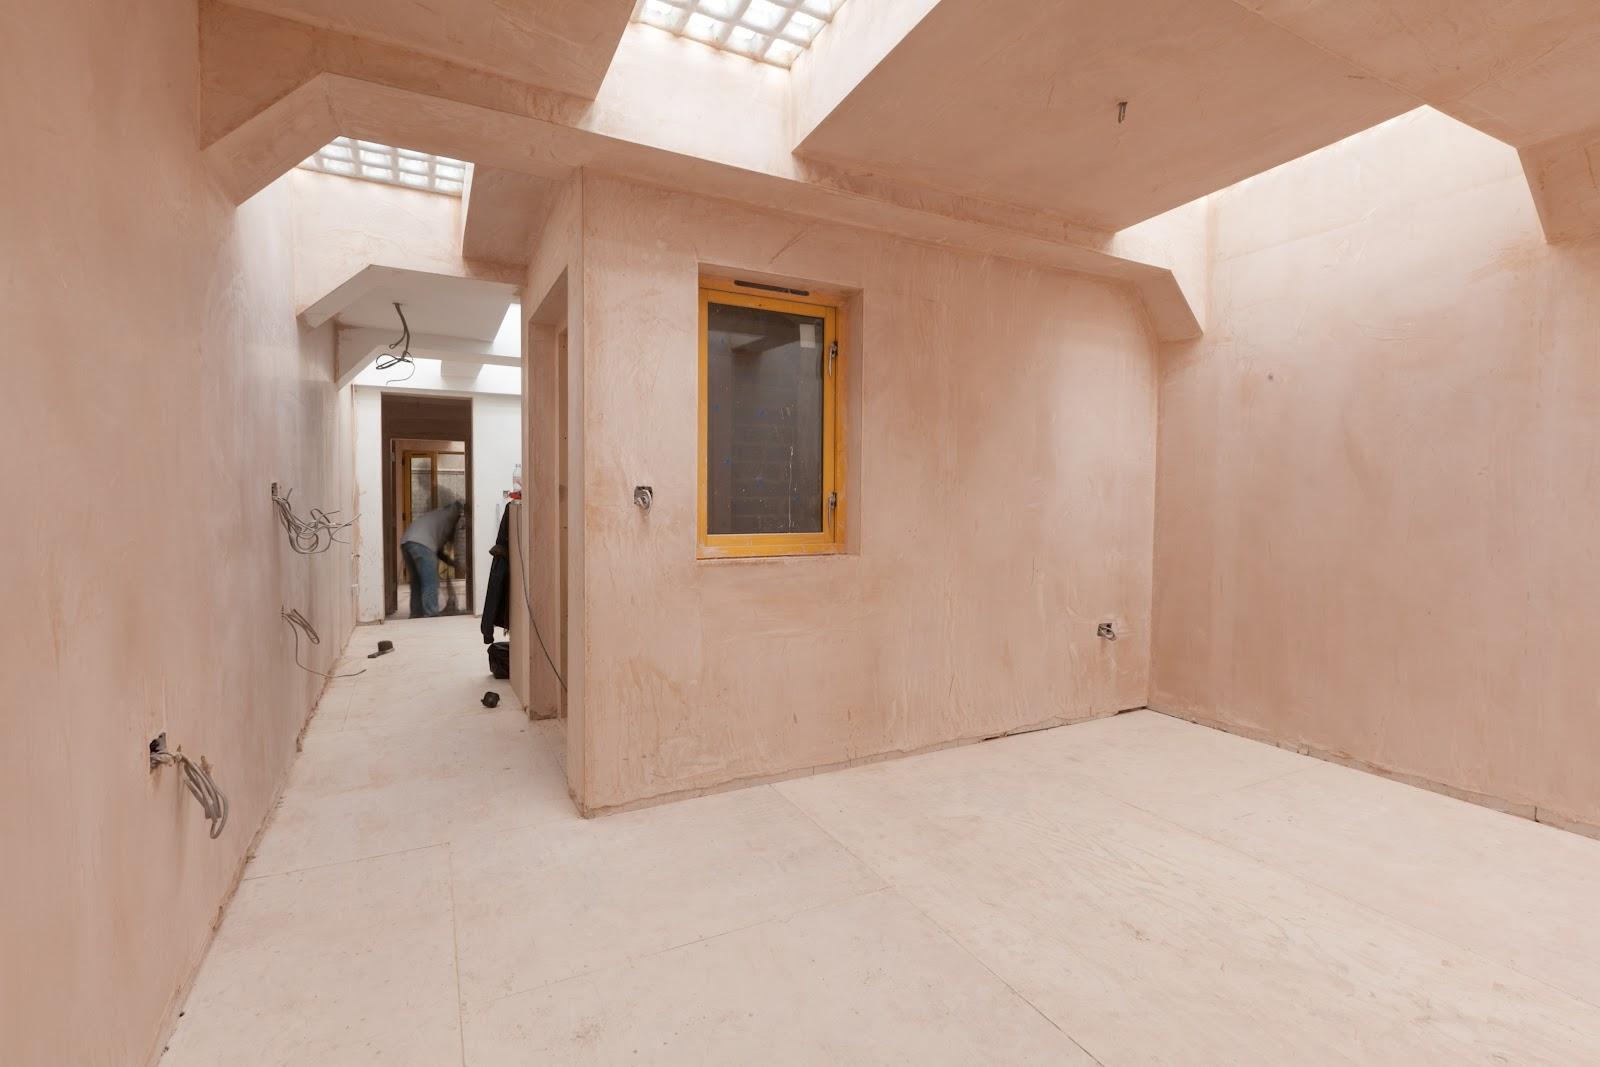 Small Spaces Underground Toilet   Interior Decorating